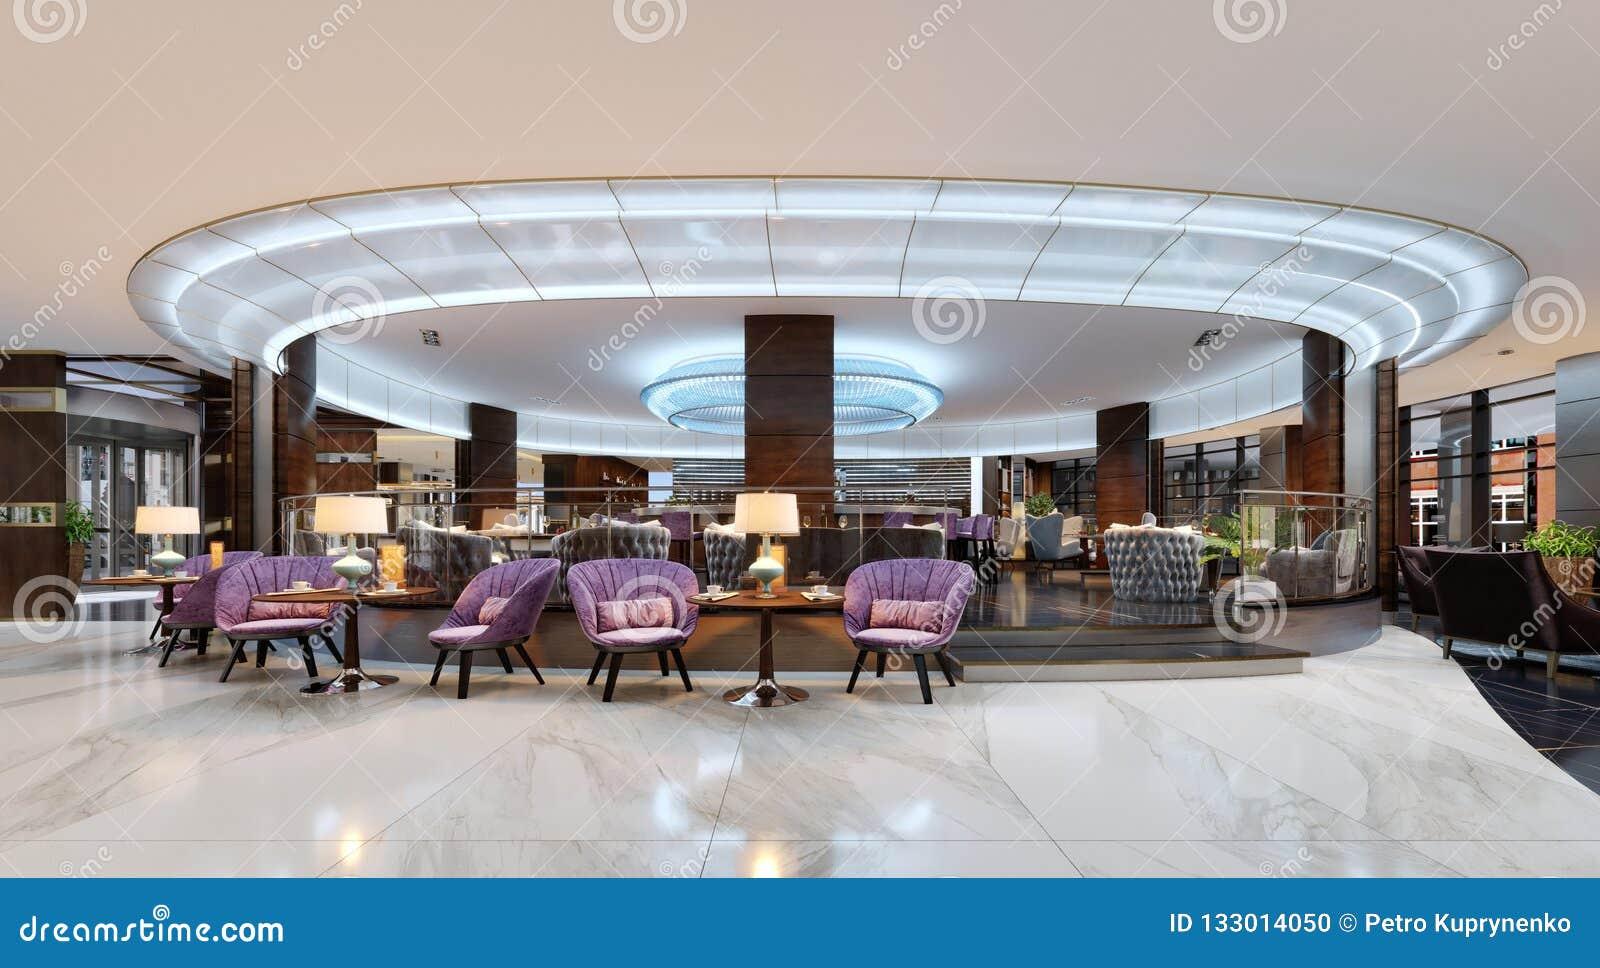 Eine gemütliche Cafeteria in der Lobby mit bequemem gepolstertem Stuhl